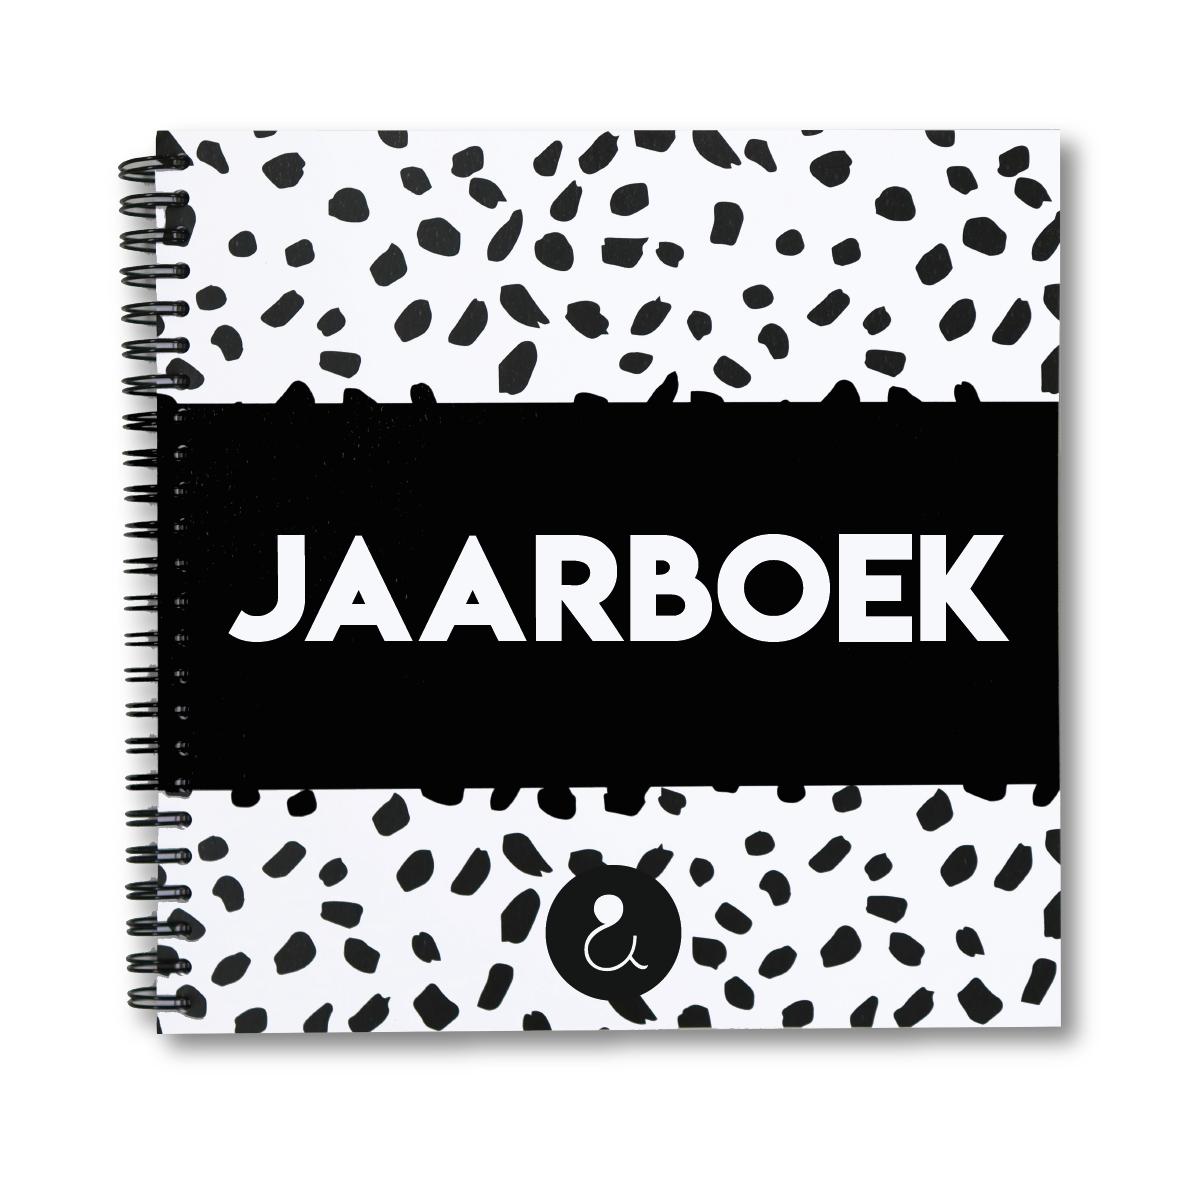 Jaarboek | monochrome